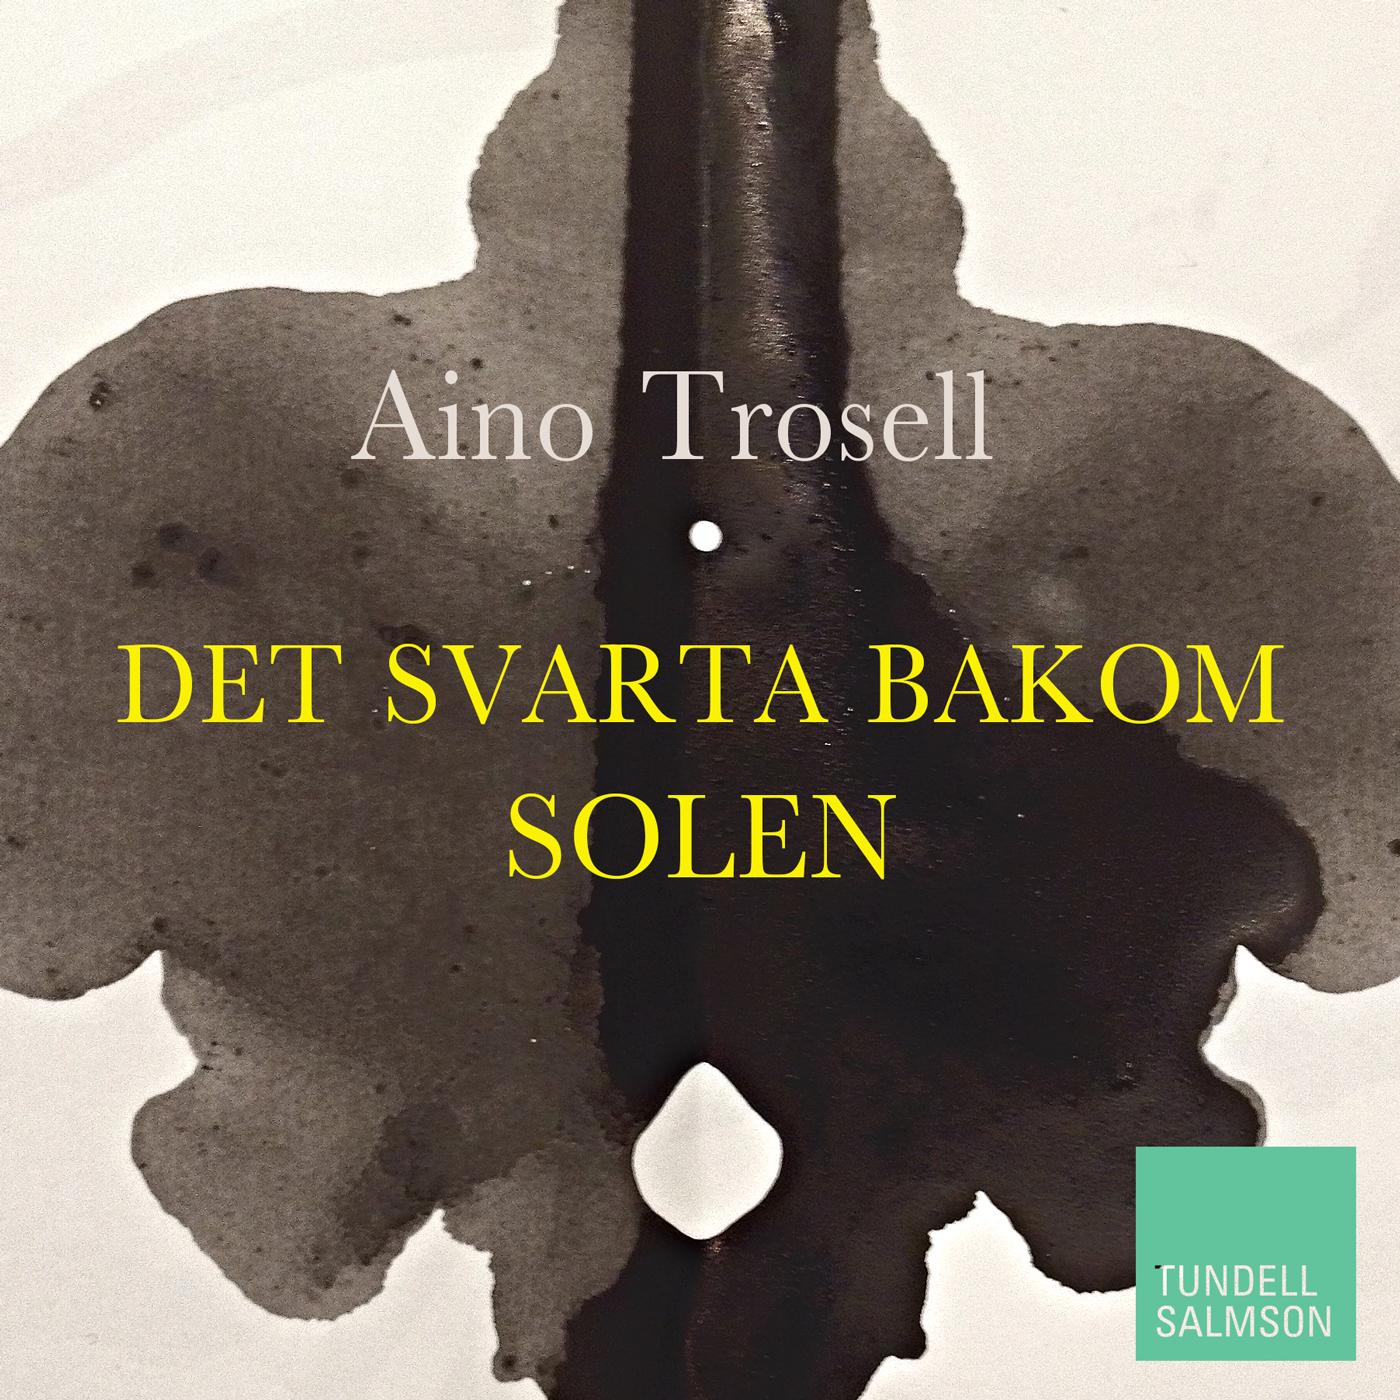 Ljudbok Det svarta bakom solen av Aino Trosell